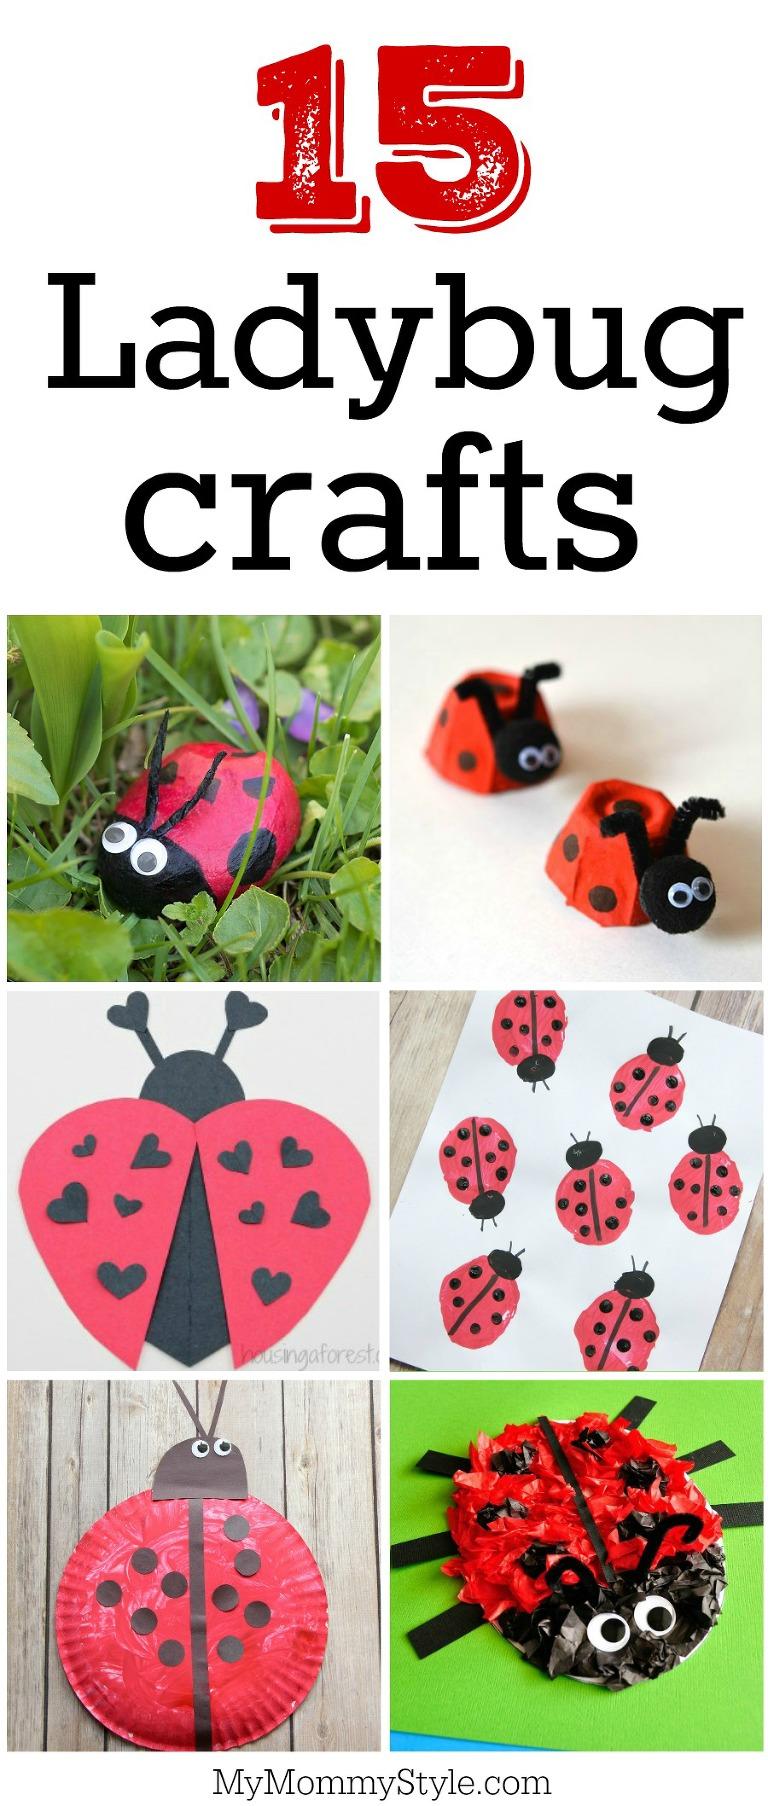 15 ladybug crafts